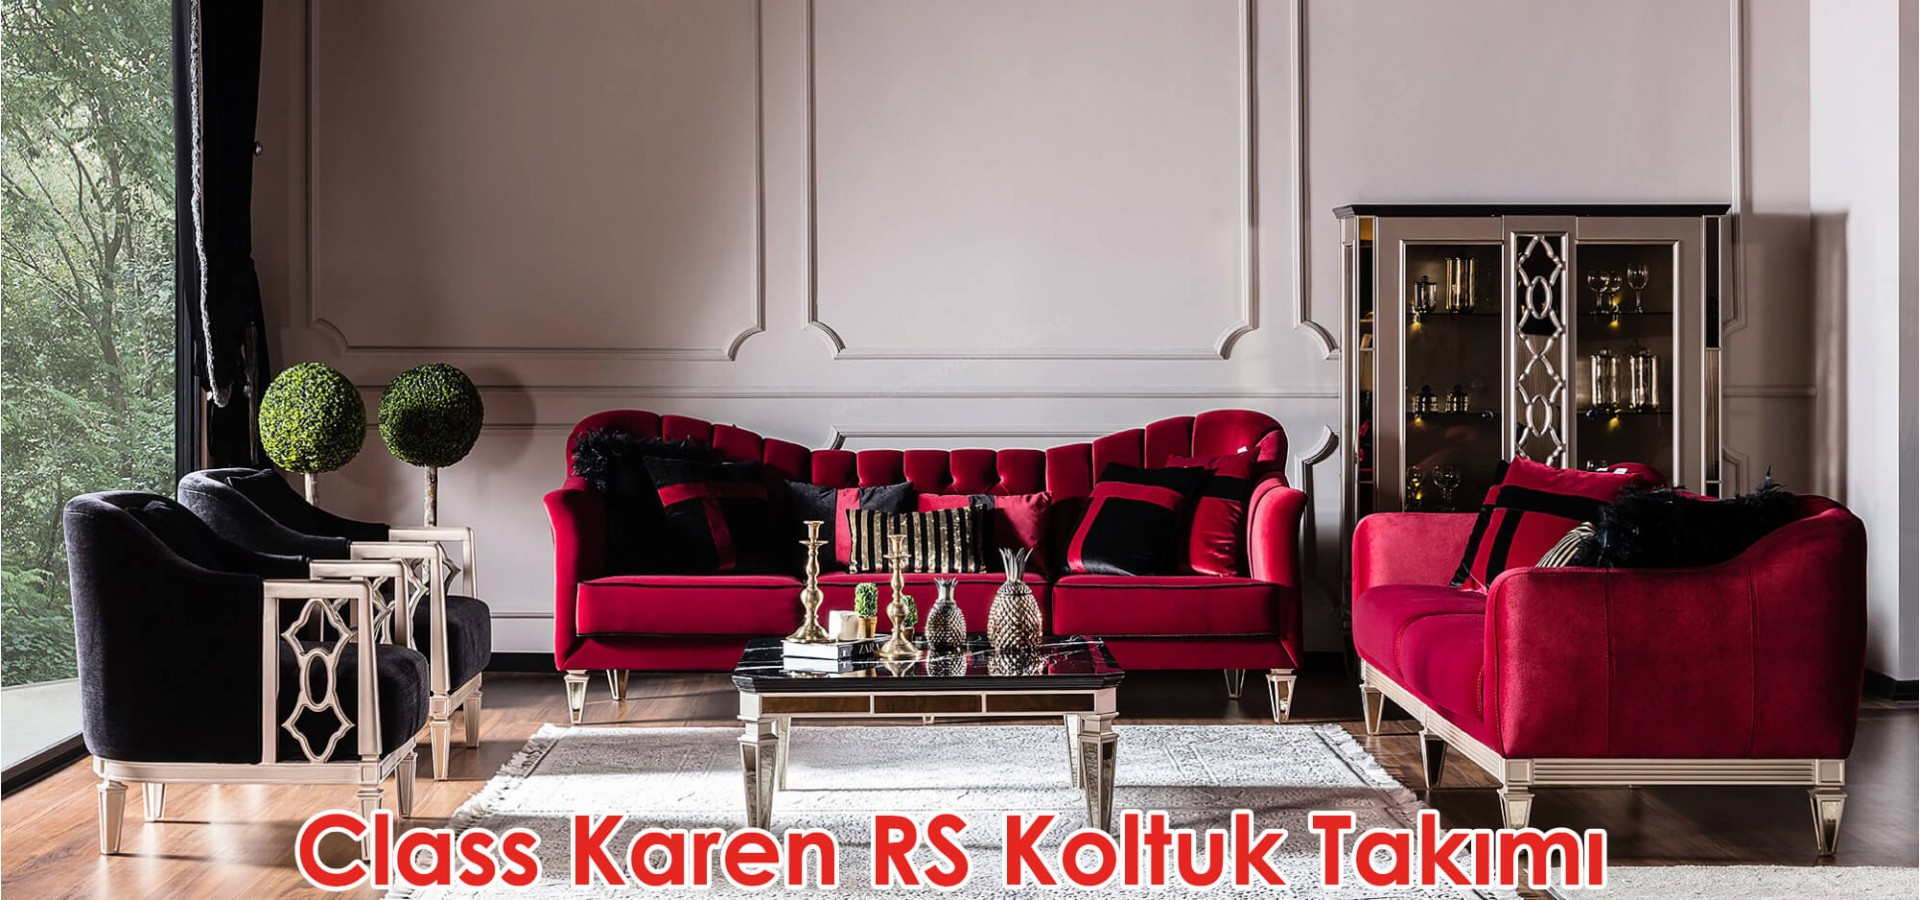 Class Karen RS Koltuk Takımı